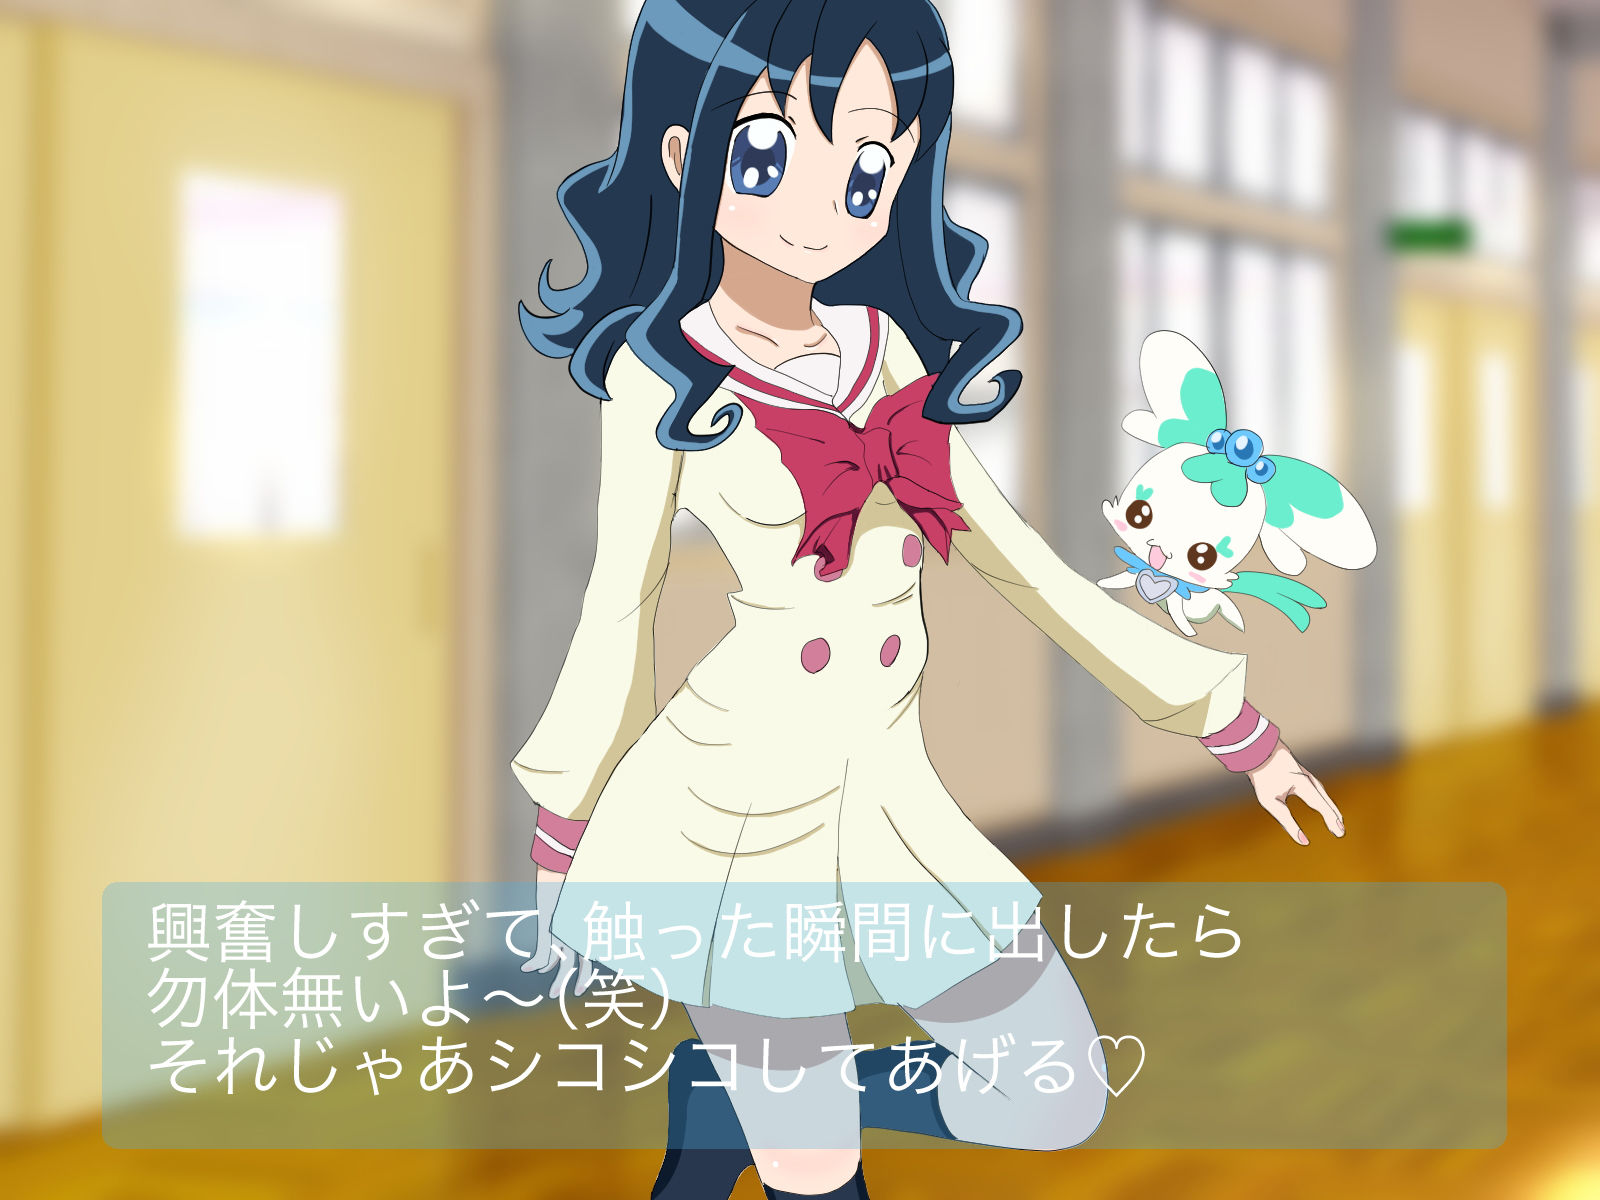 【ハートキャッチプリキュア 同人】キュアプリ手コキ